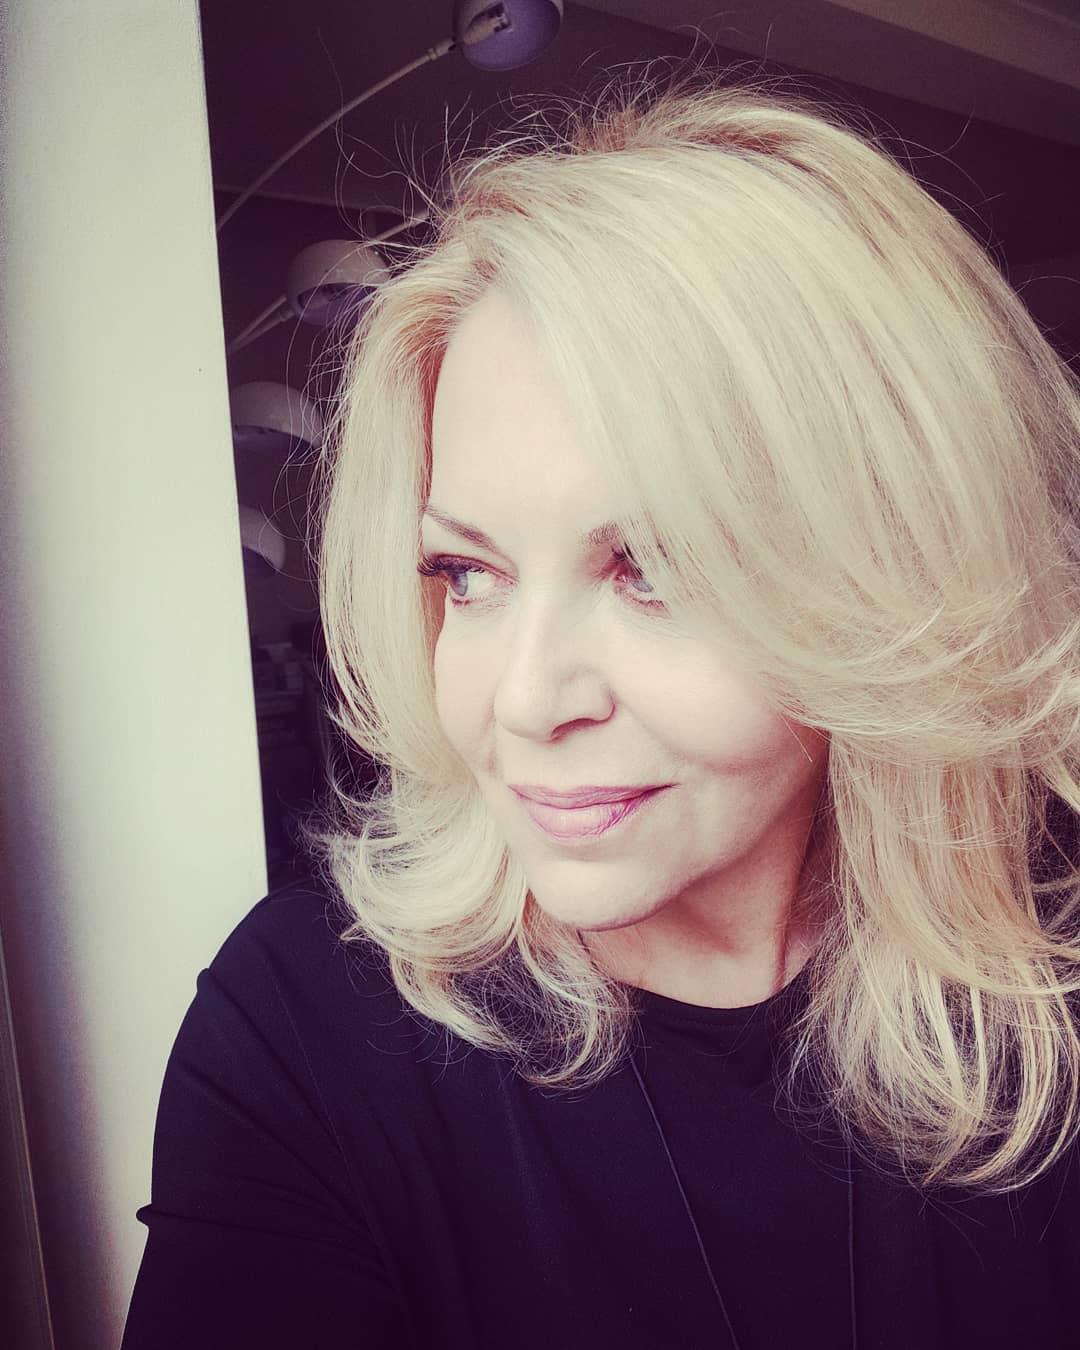 Η δημοσιογράφος Σεμίνα Διγενή δεν εκλέγεται από το ψηφοδέλτιο του ΚΚΕ